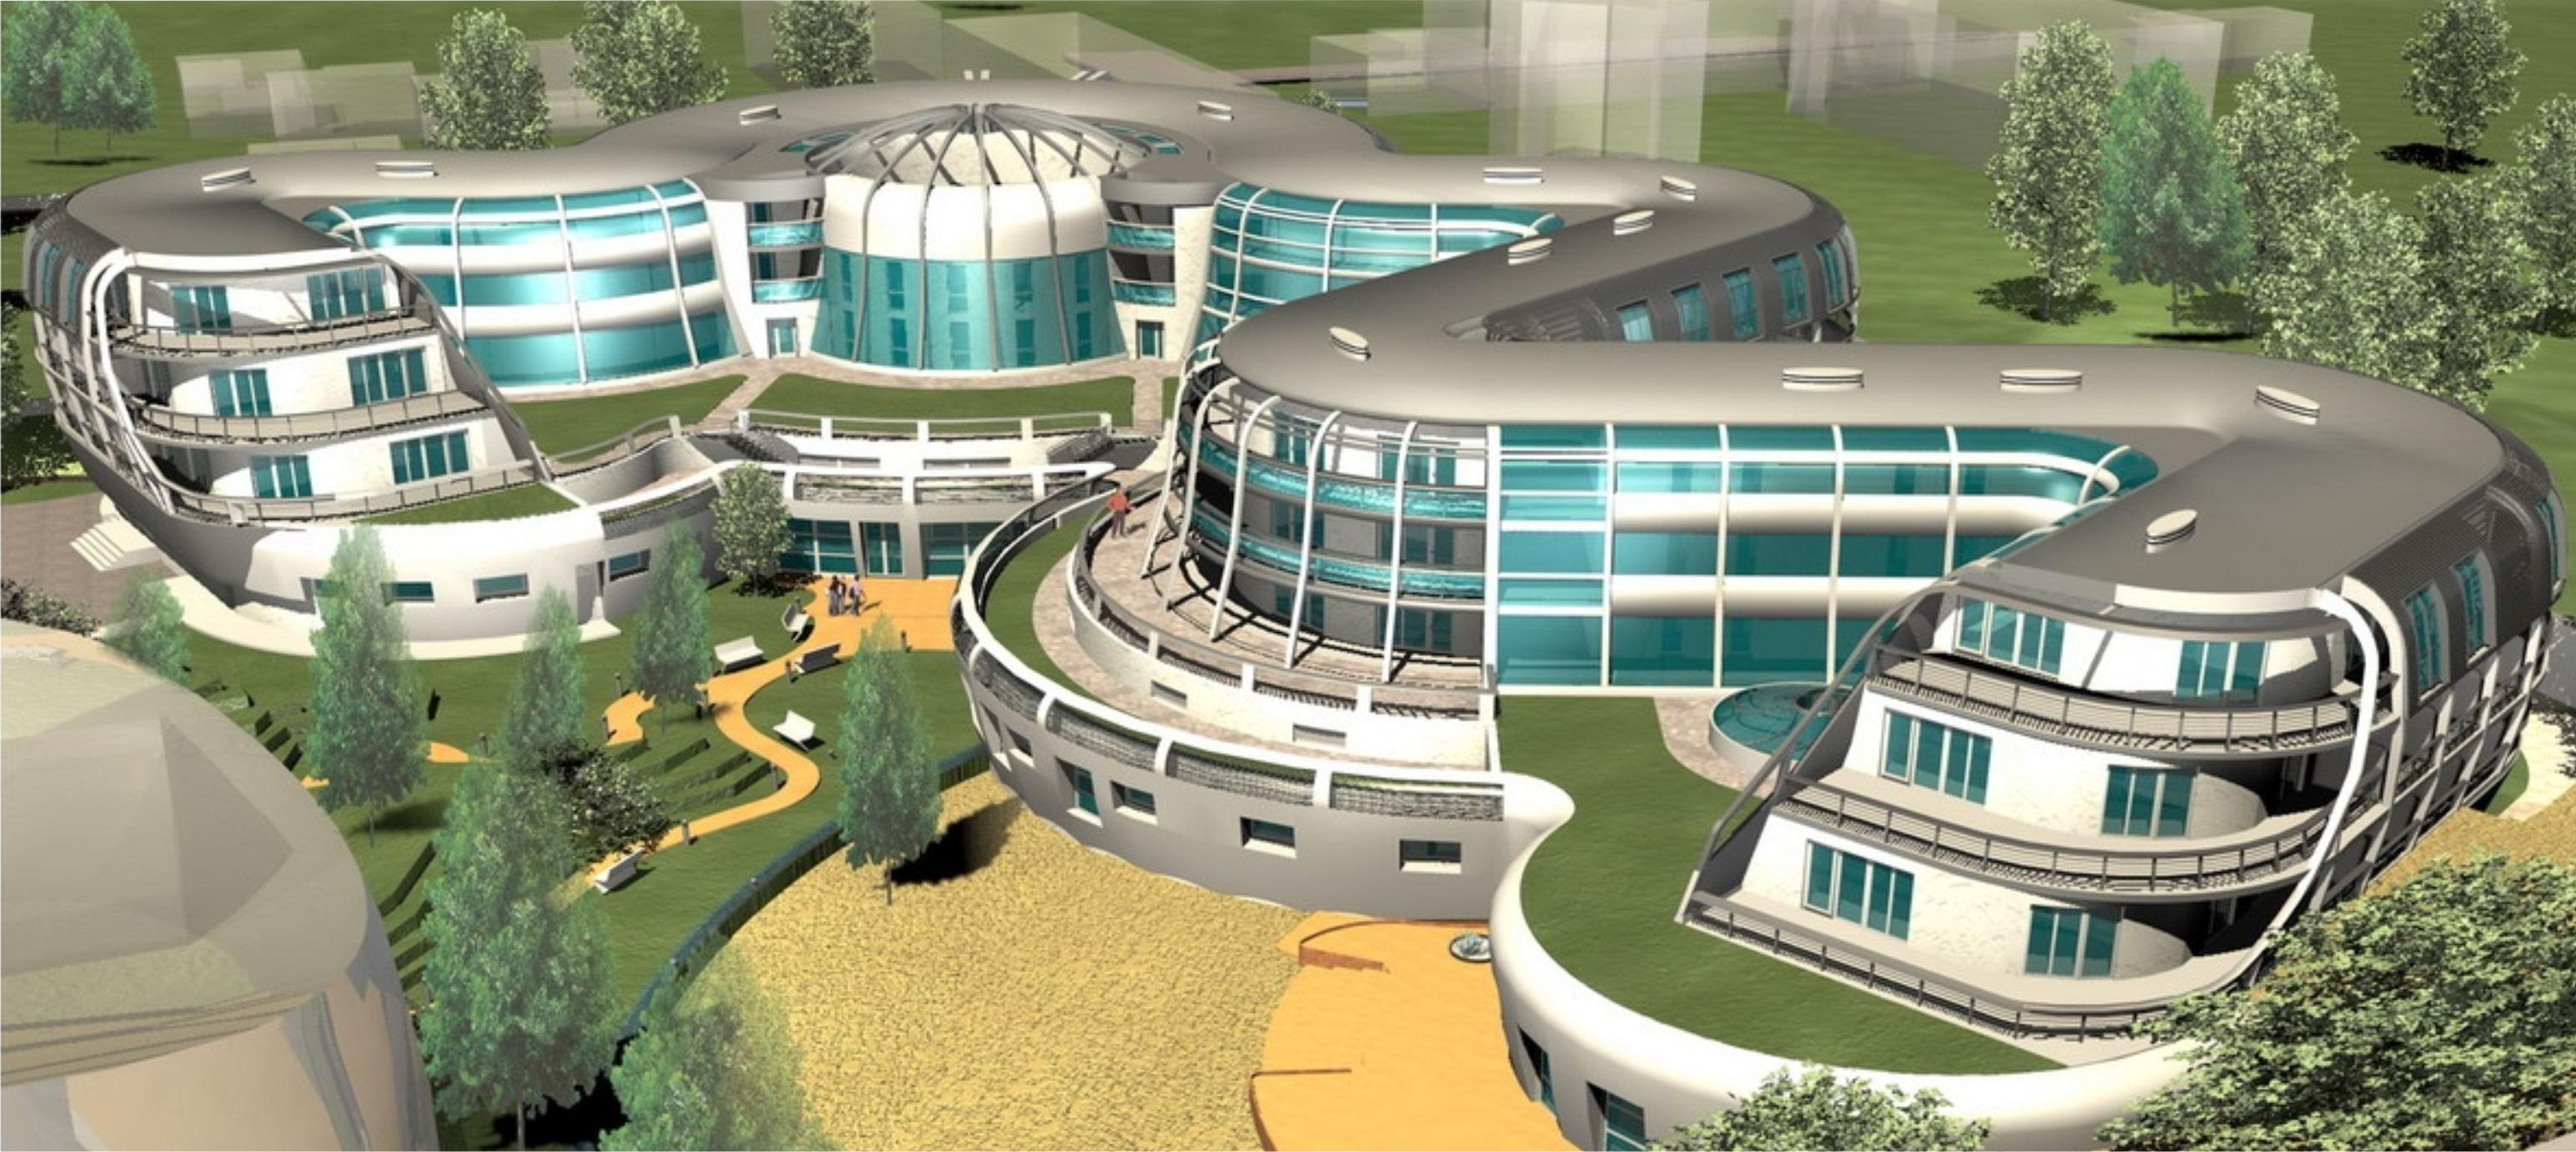 Projekt koncepcyjny hotelu Octopus aksonometria